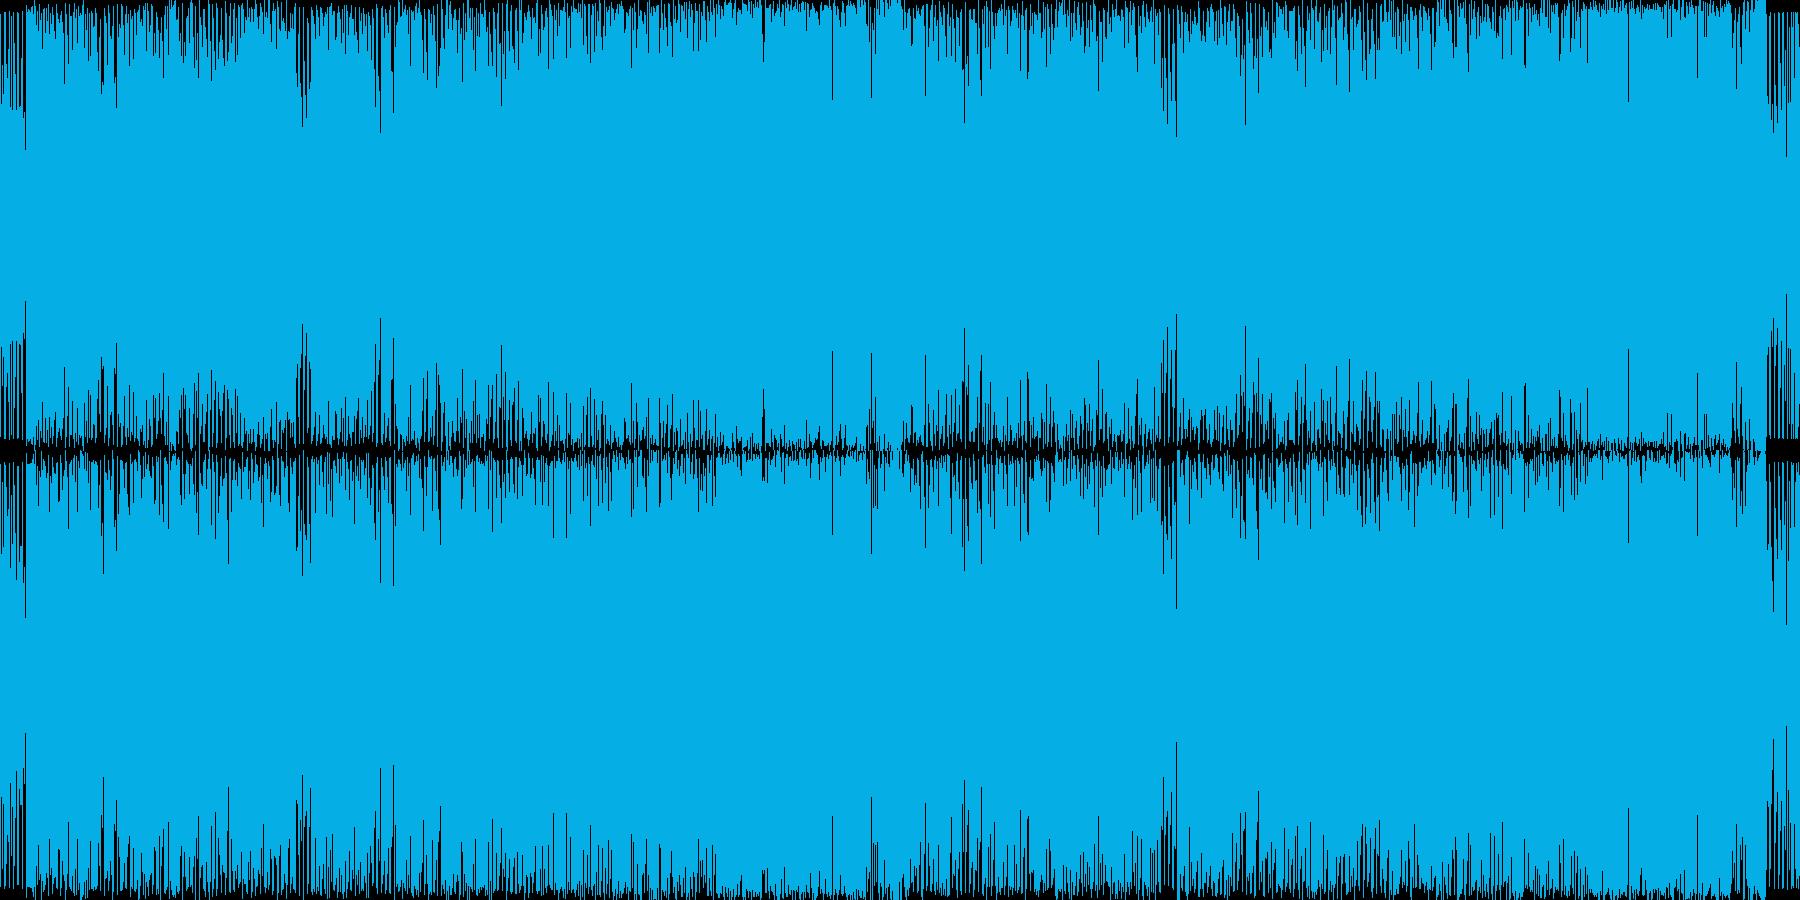 チップチューン風のシンセポップの再生済みの波形